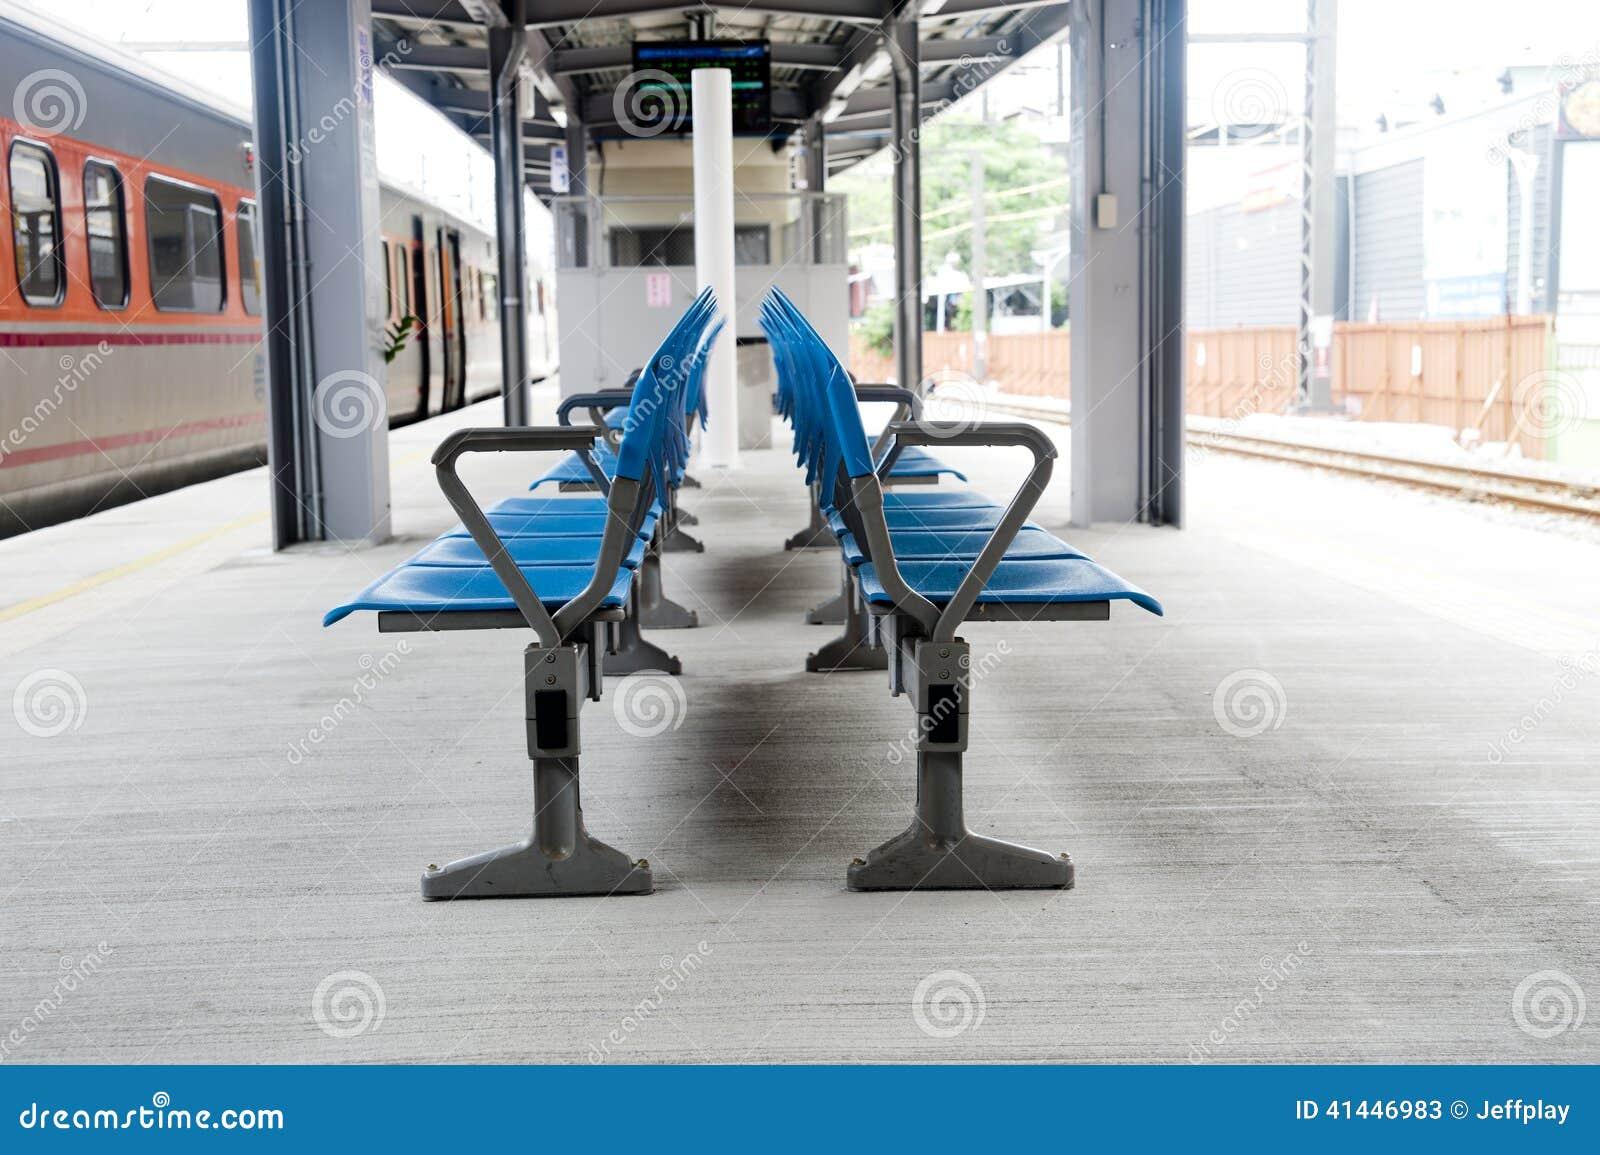 Silla en la plataforma ferroviaria